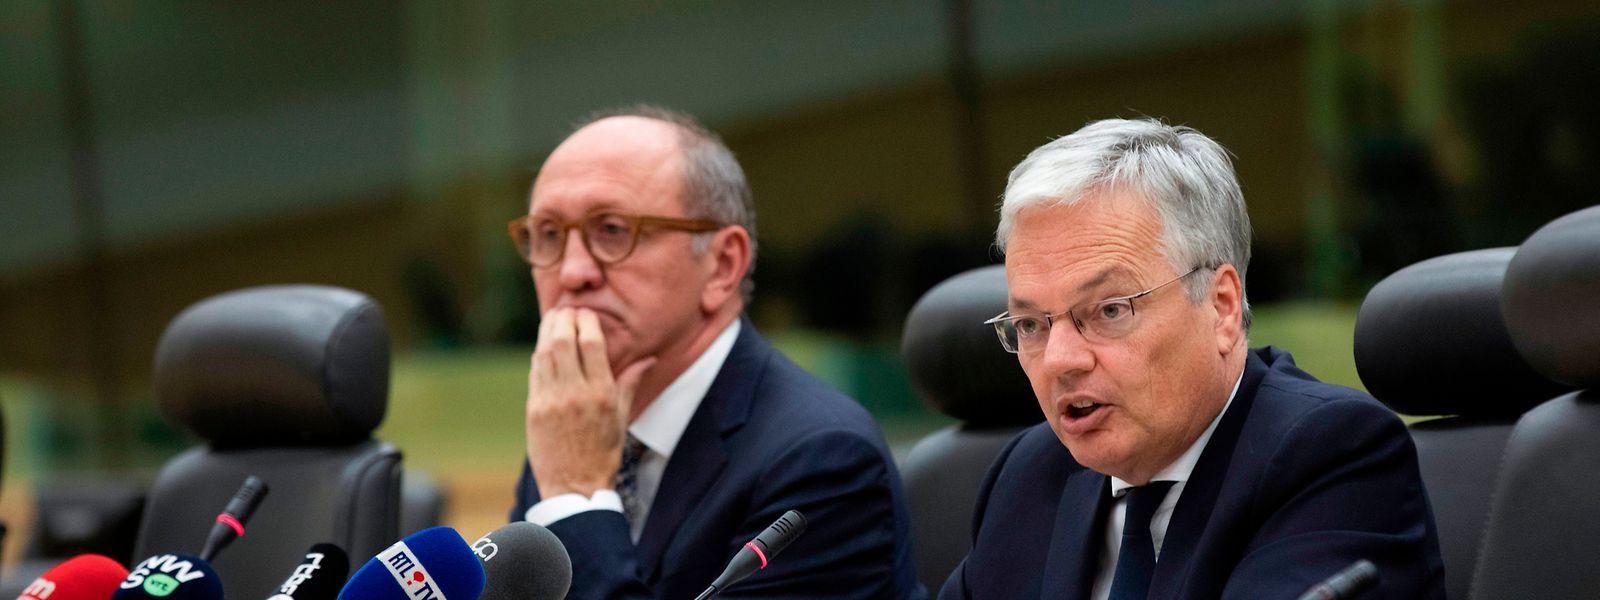 Depuis juin, le libéral francophone Didier Reynders (à droite) et son vis-à-vis flamand, le socialiste flamand Johan Vande Lanotte, ont cherché à baliser la formation du futur gouvernement fédéral.